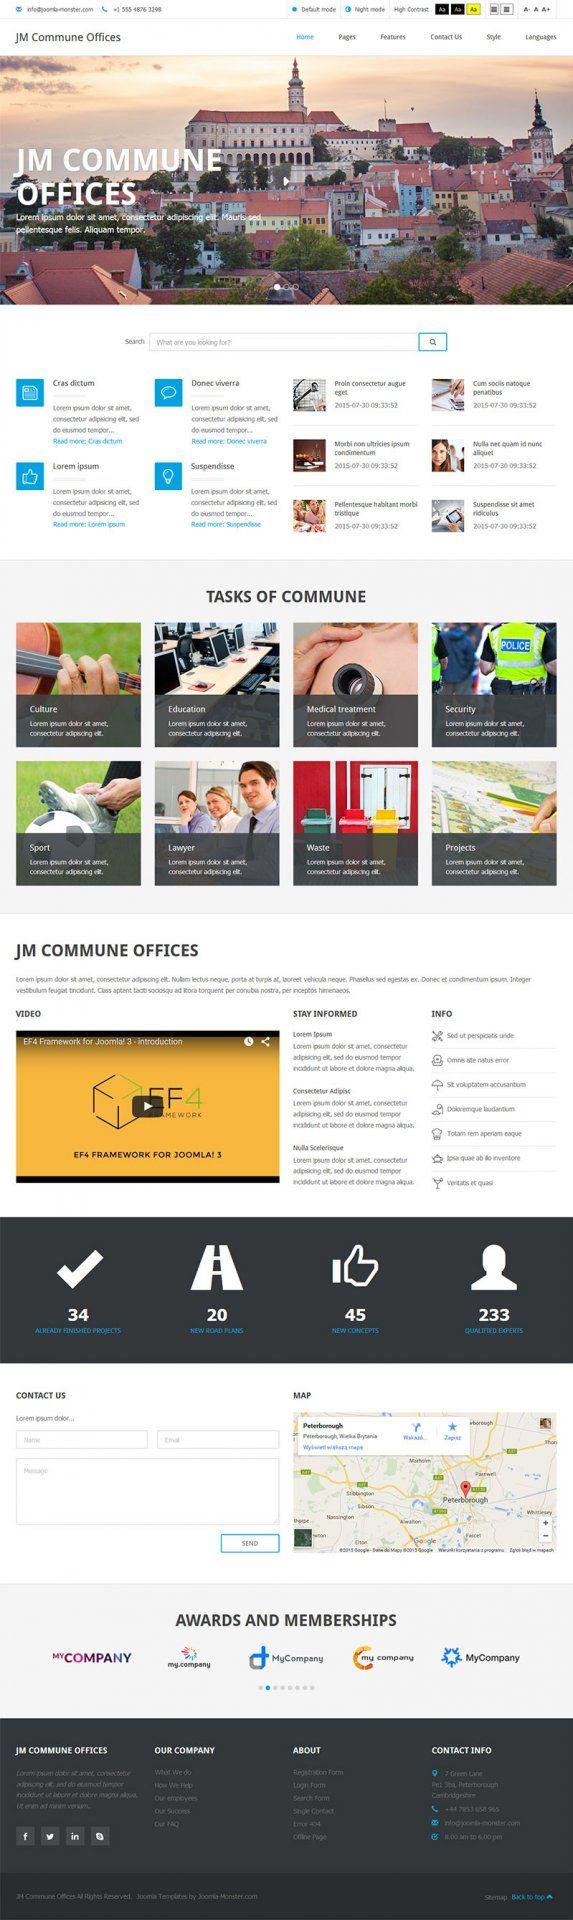 JM Commune Offices Joomla Template - https://themesparadise.com/jm-commune-offices-joomla-template/